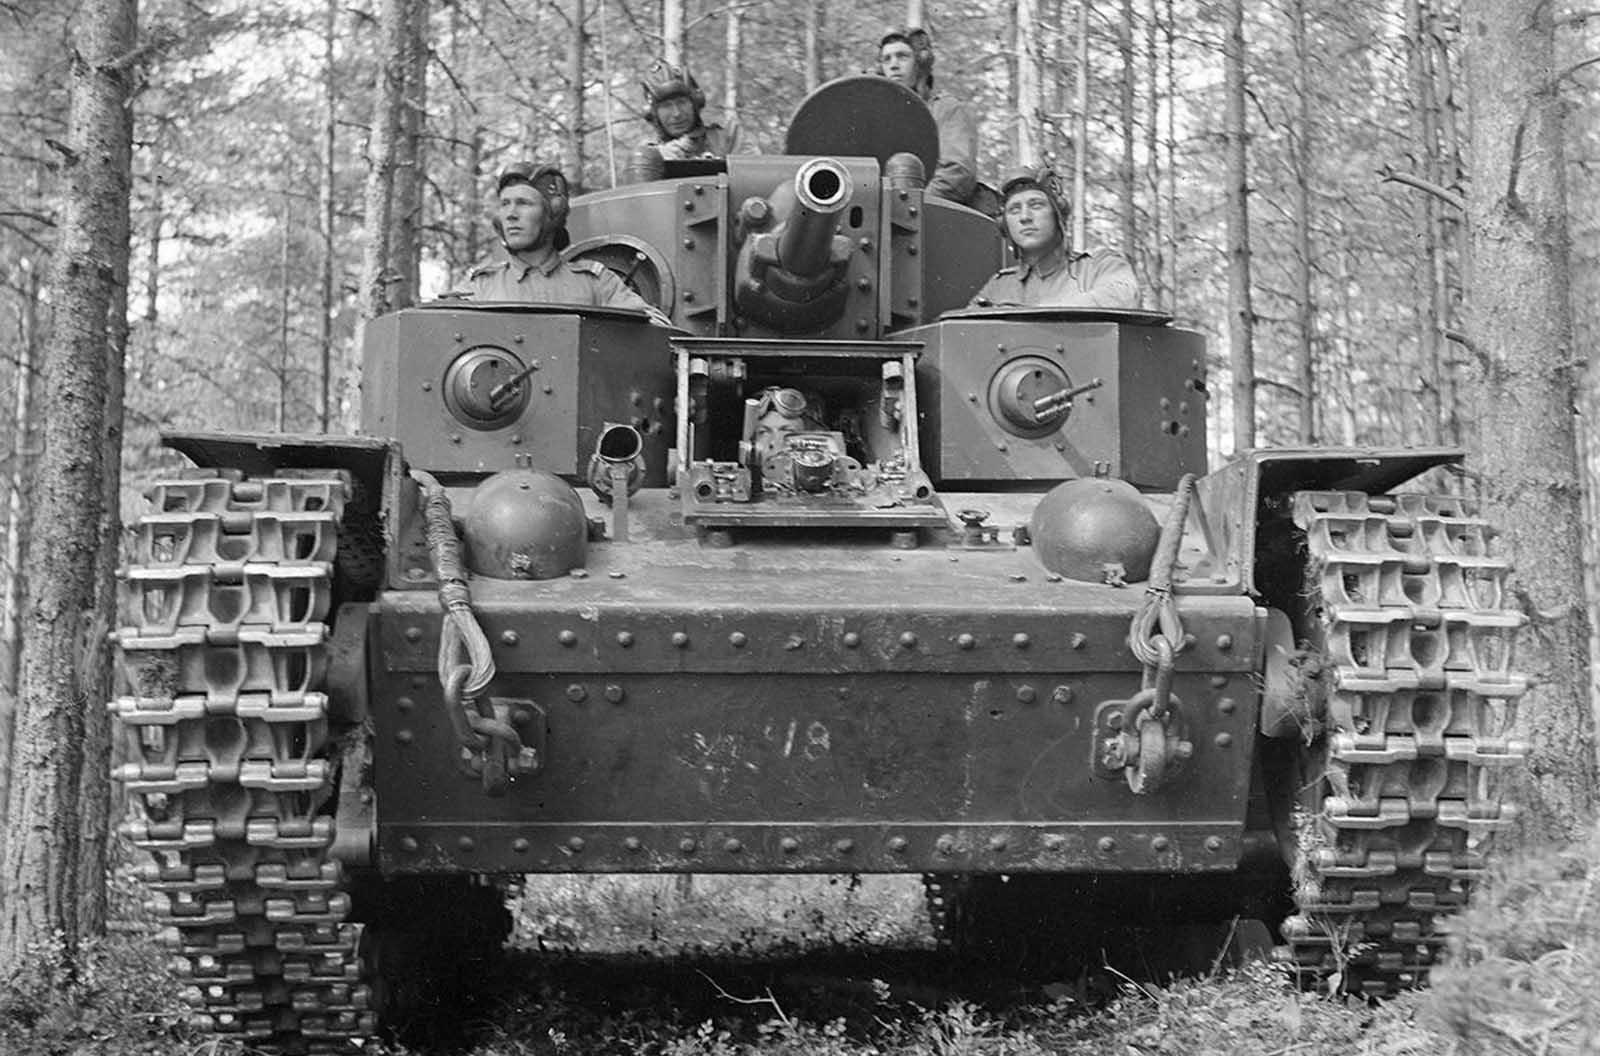 Tripulación del tanque finlandés, 8 de julio de 1941.